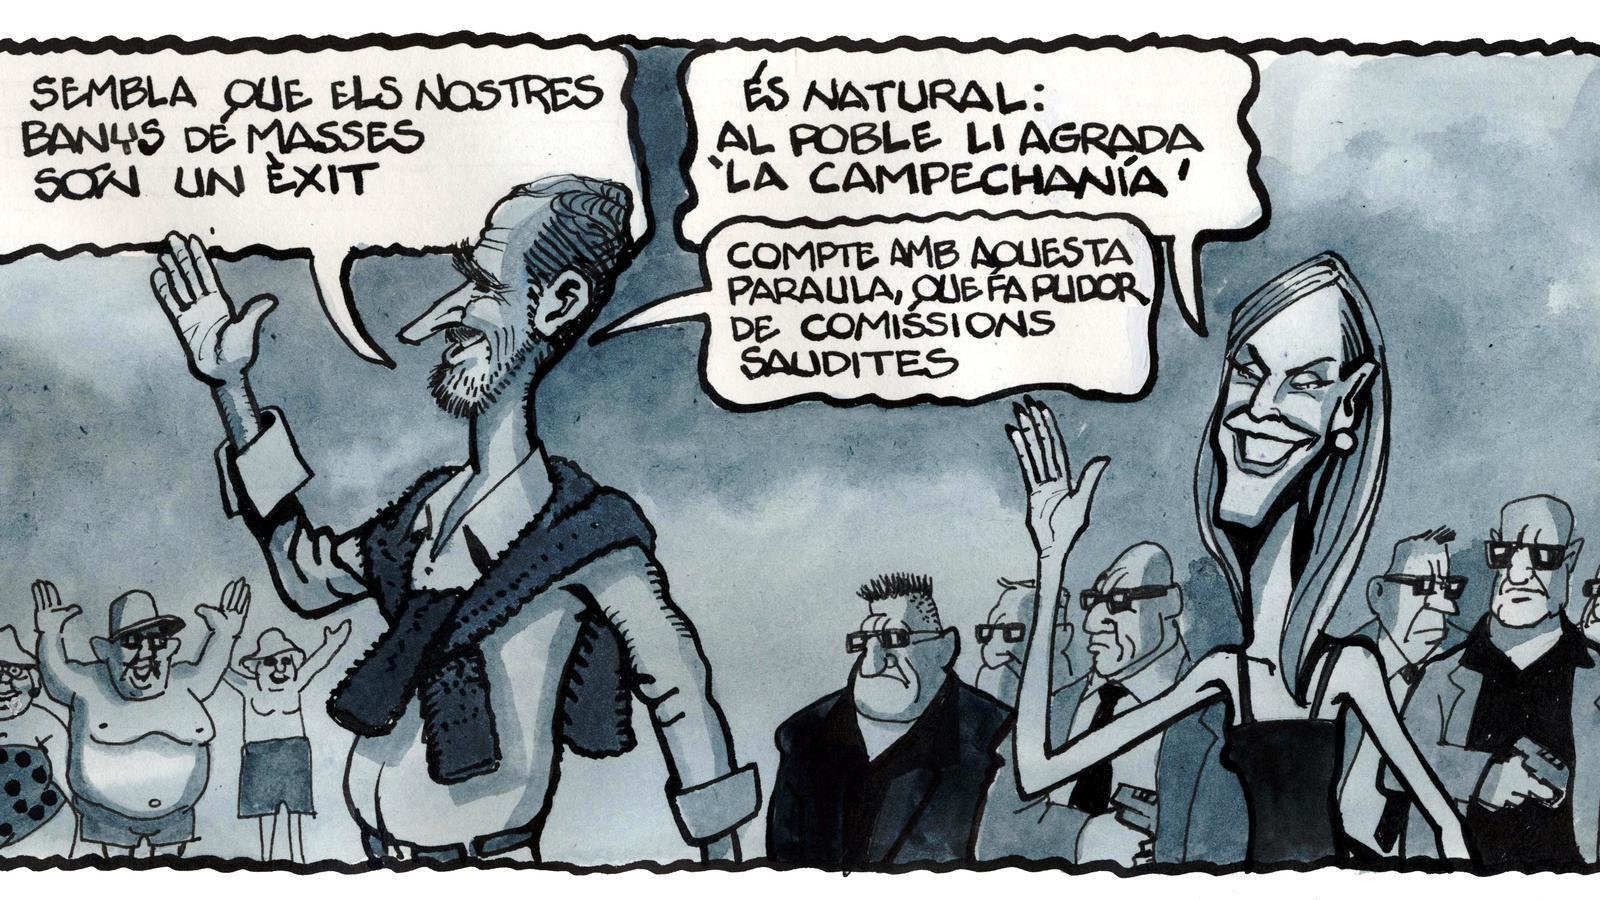 'A la contra', per Ferreres 03/07/2020